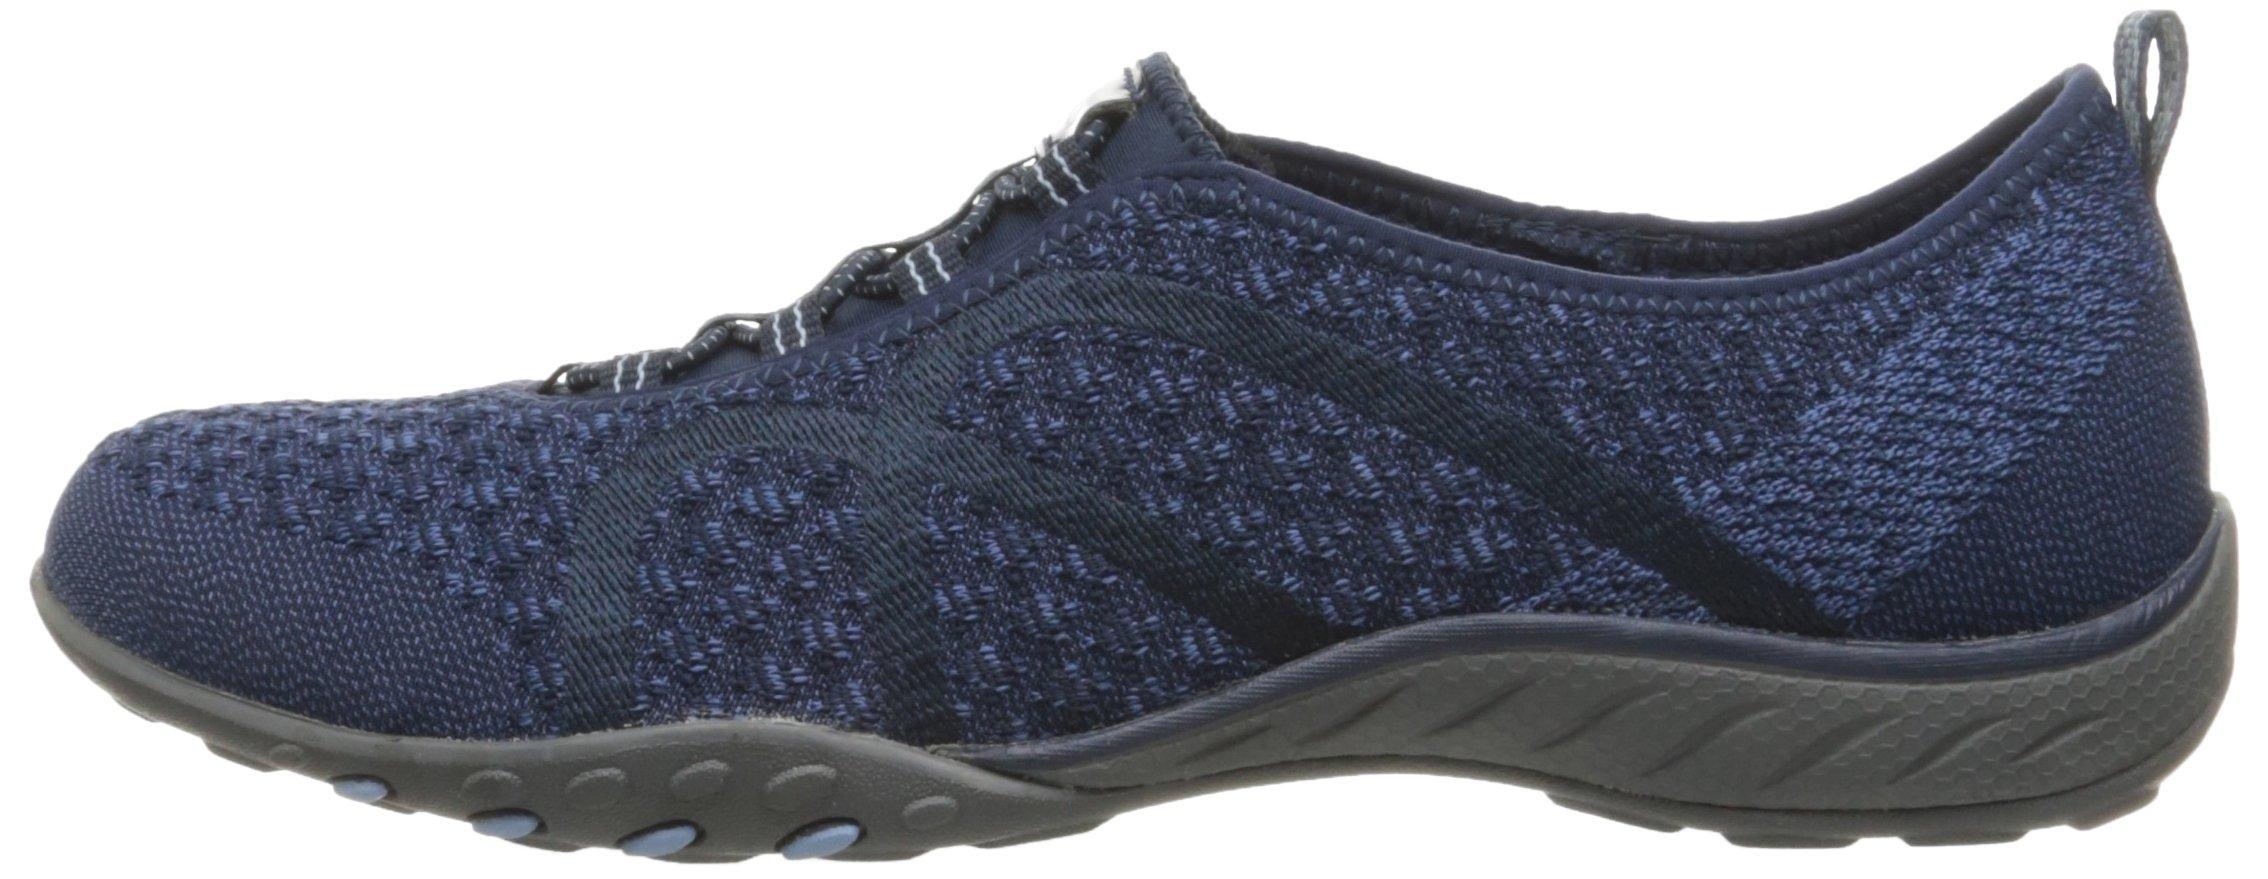 Skechers Sport Women's Breathe Easy Fortune Fashion Sneaker,Navy Knit,5.5 M US by Skechers (Image #5)